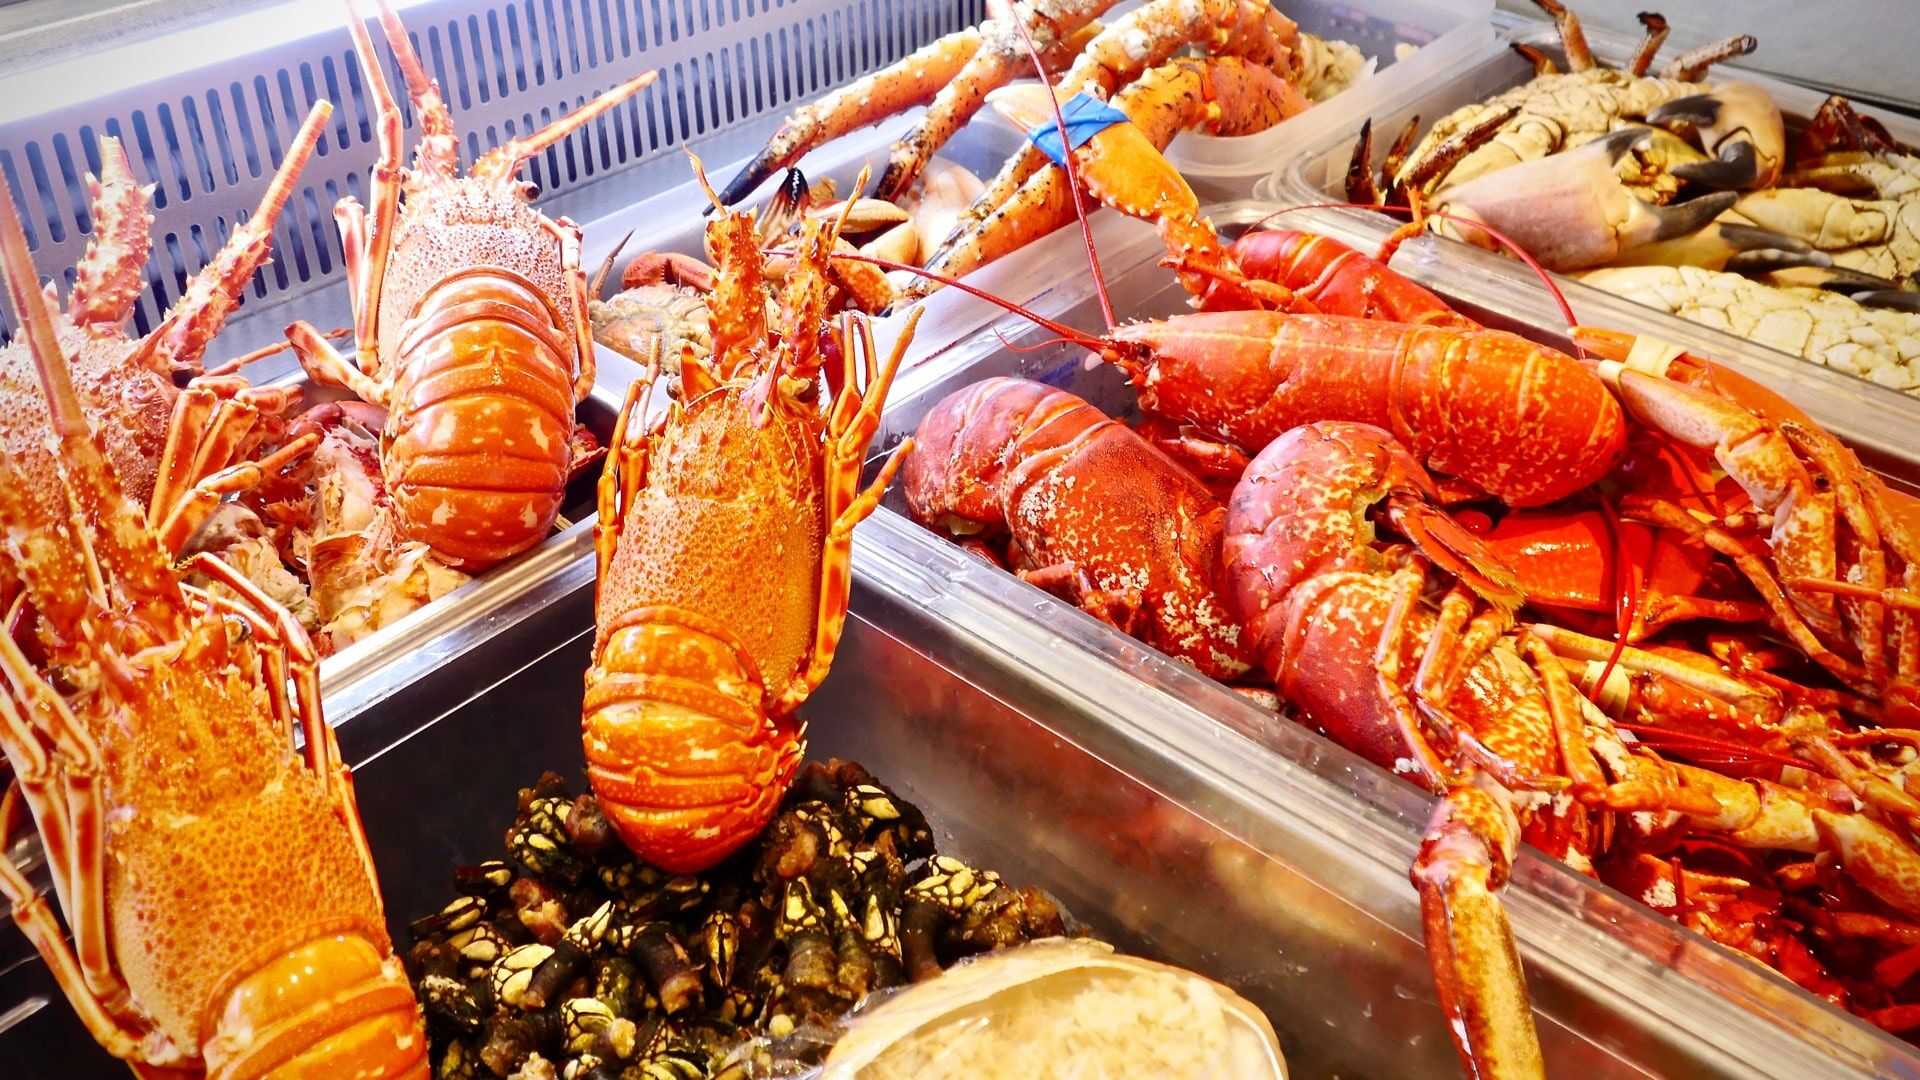 013 Mar do Inferno Cascais Restauracje Polecane Lokalne Gdzie Zjeść w Cascais Portugalia Lizbona Restauracje